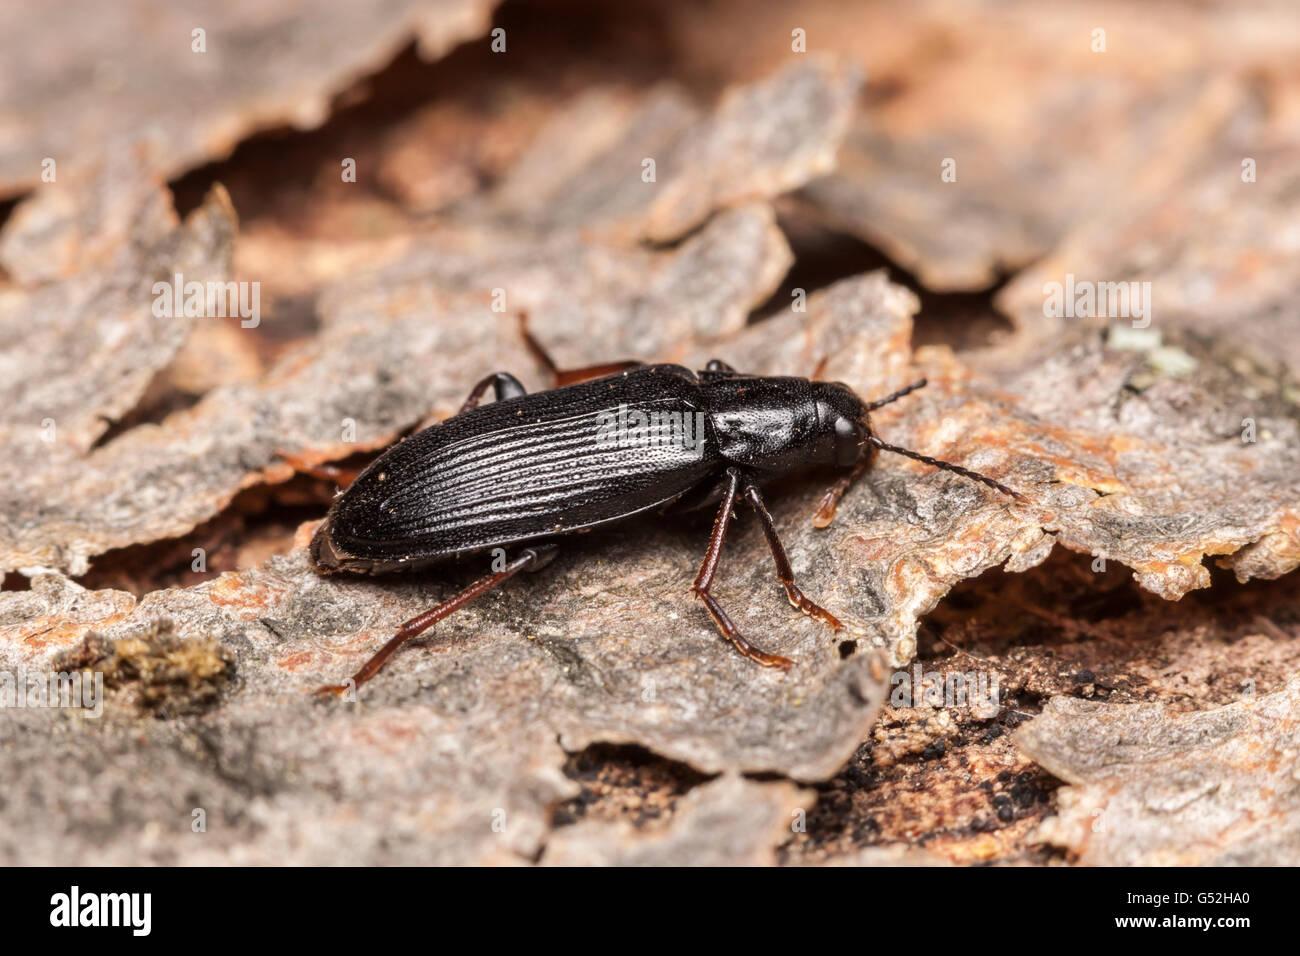 Eine falsche Hologramm-Käfer (Melandrya Striata) hockt auf der Rinde eines gefallenen Toten Baumes. Stockbild